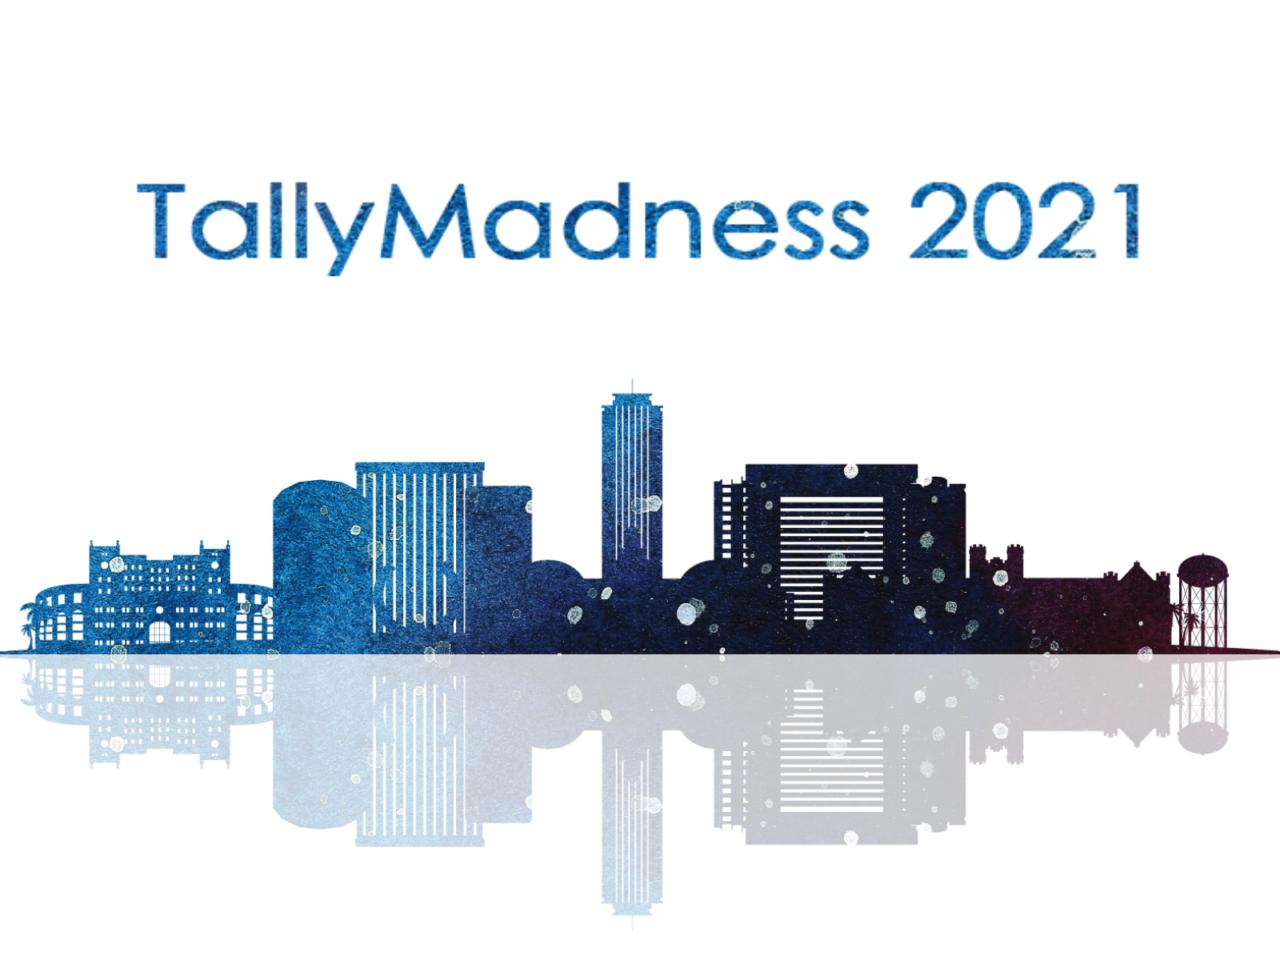 TallyMadness2021_1600x1200_03-1280x960